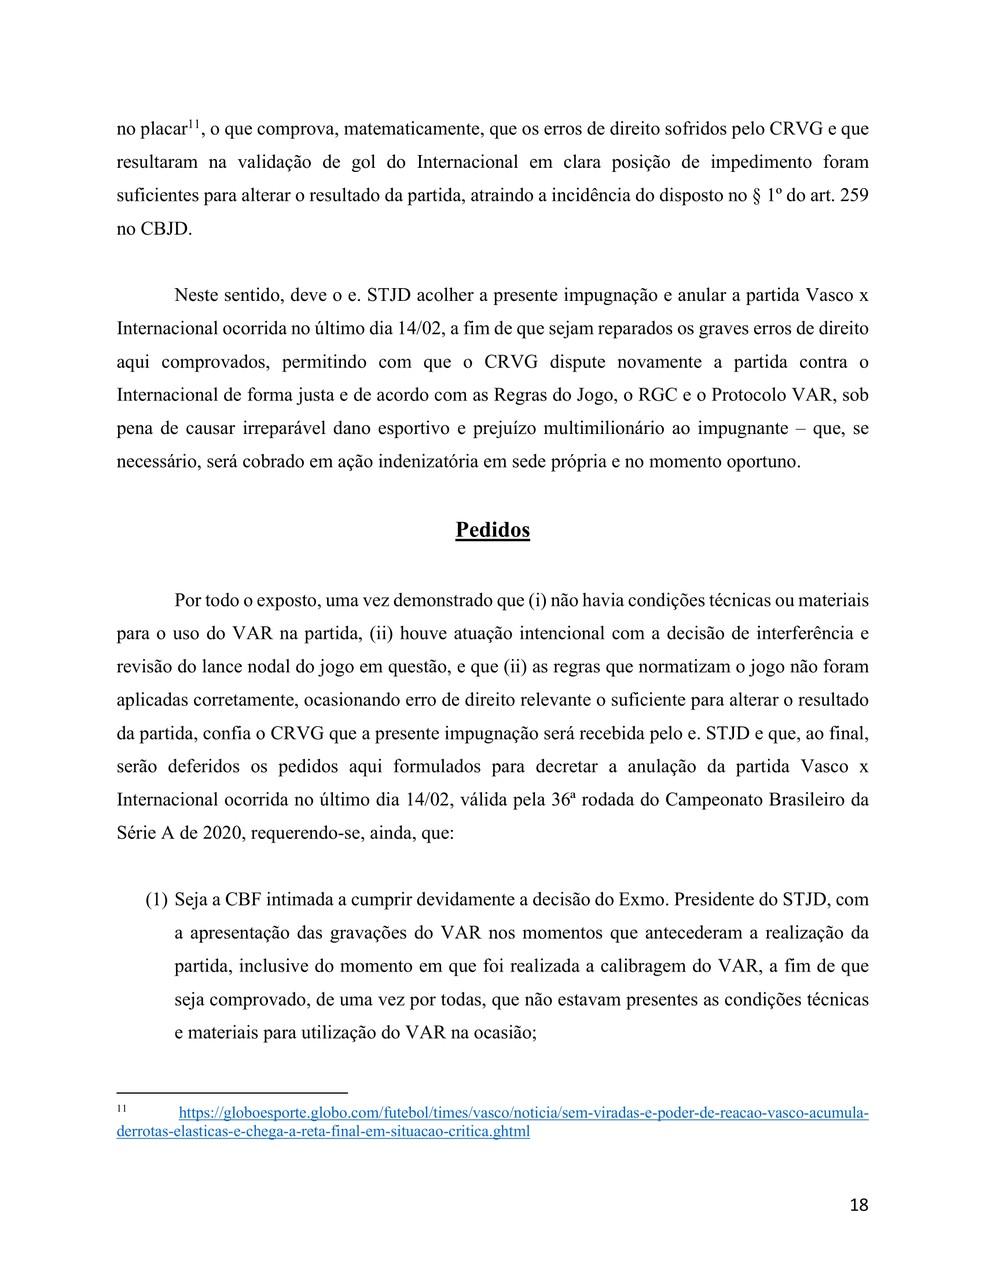 Vasco reitera pedido pelas imagens do VAR do pré-jogo de Vasco x Inter